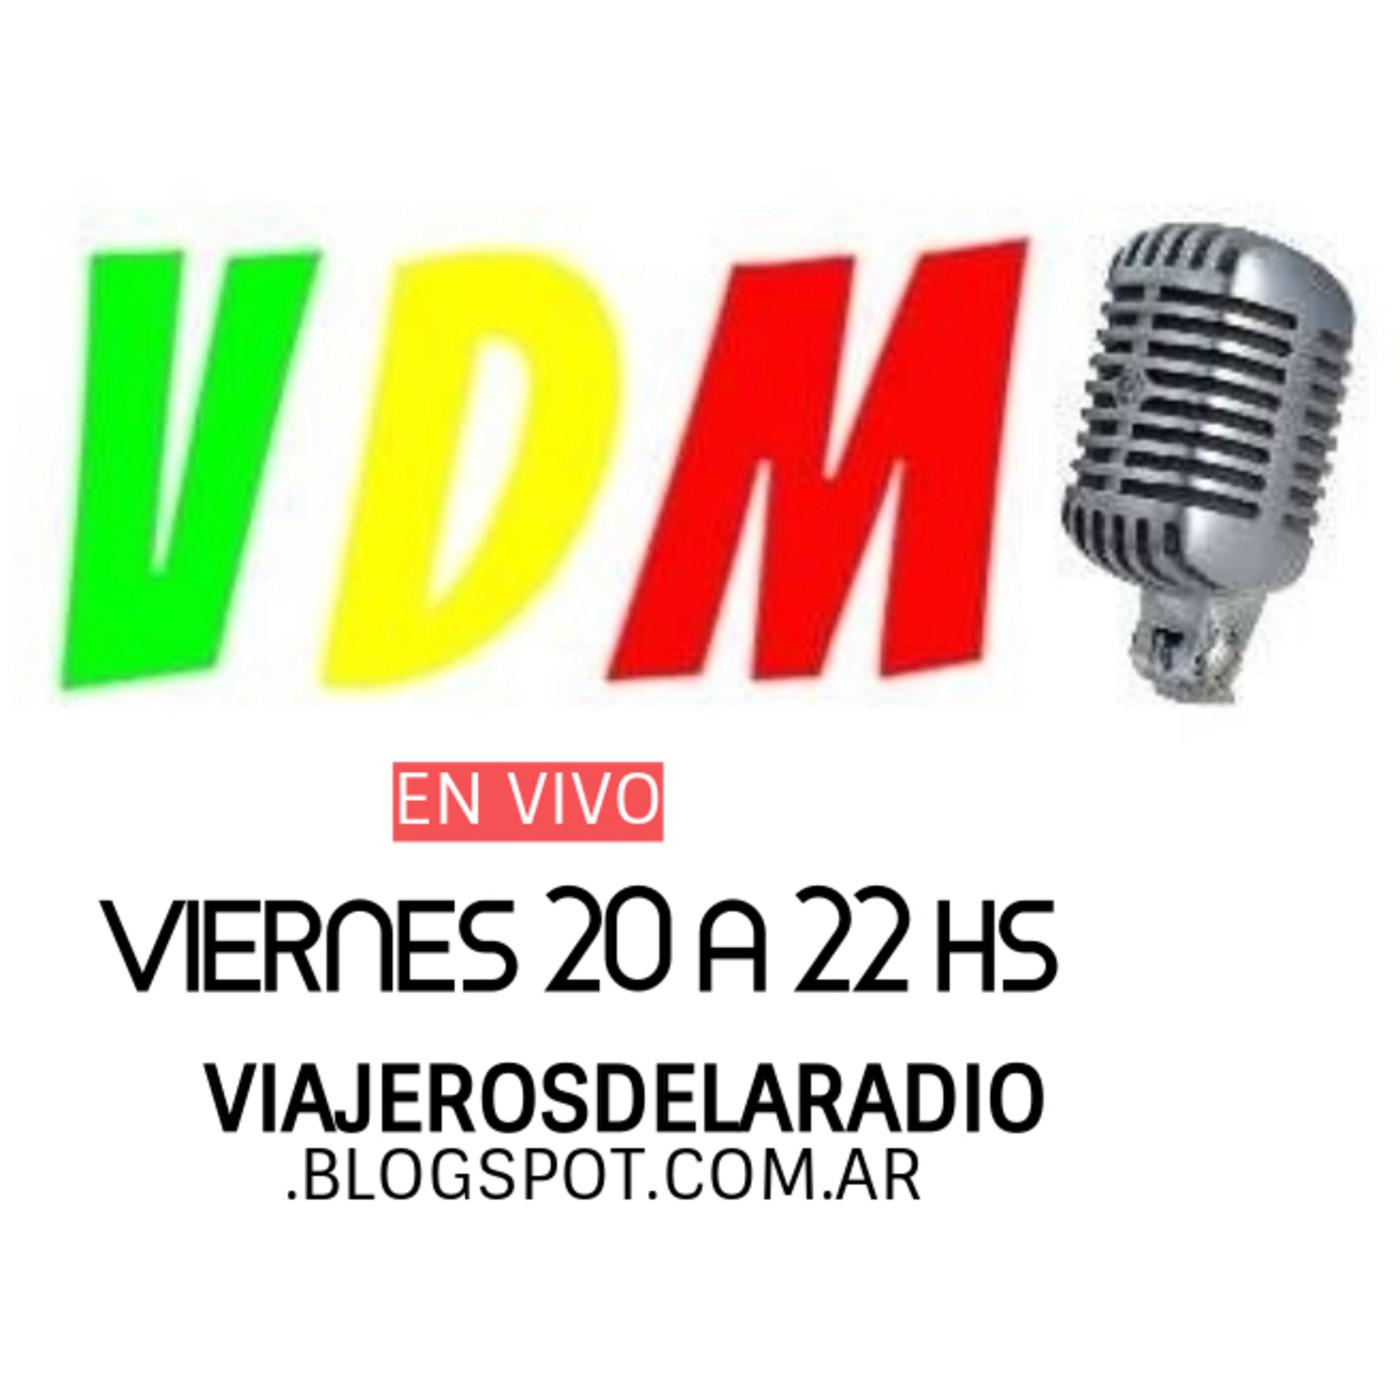 Viajeros del Mundo - VDM Radio